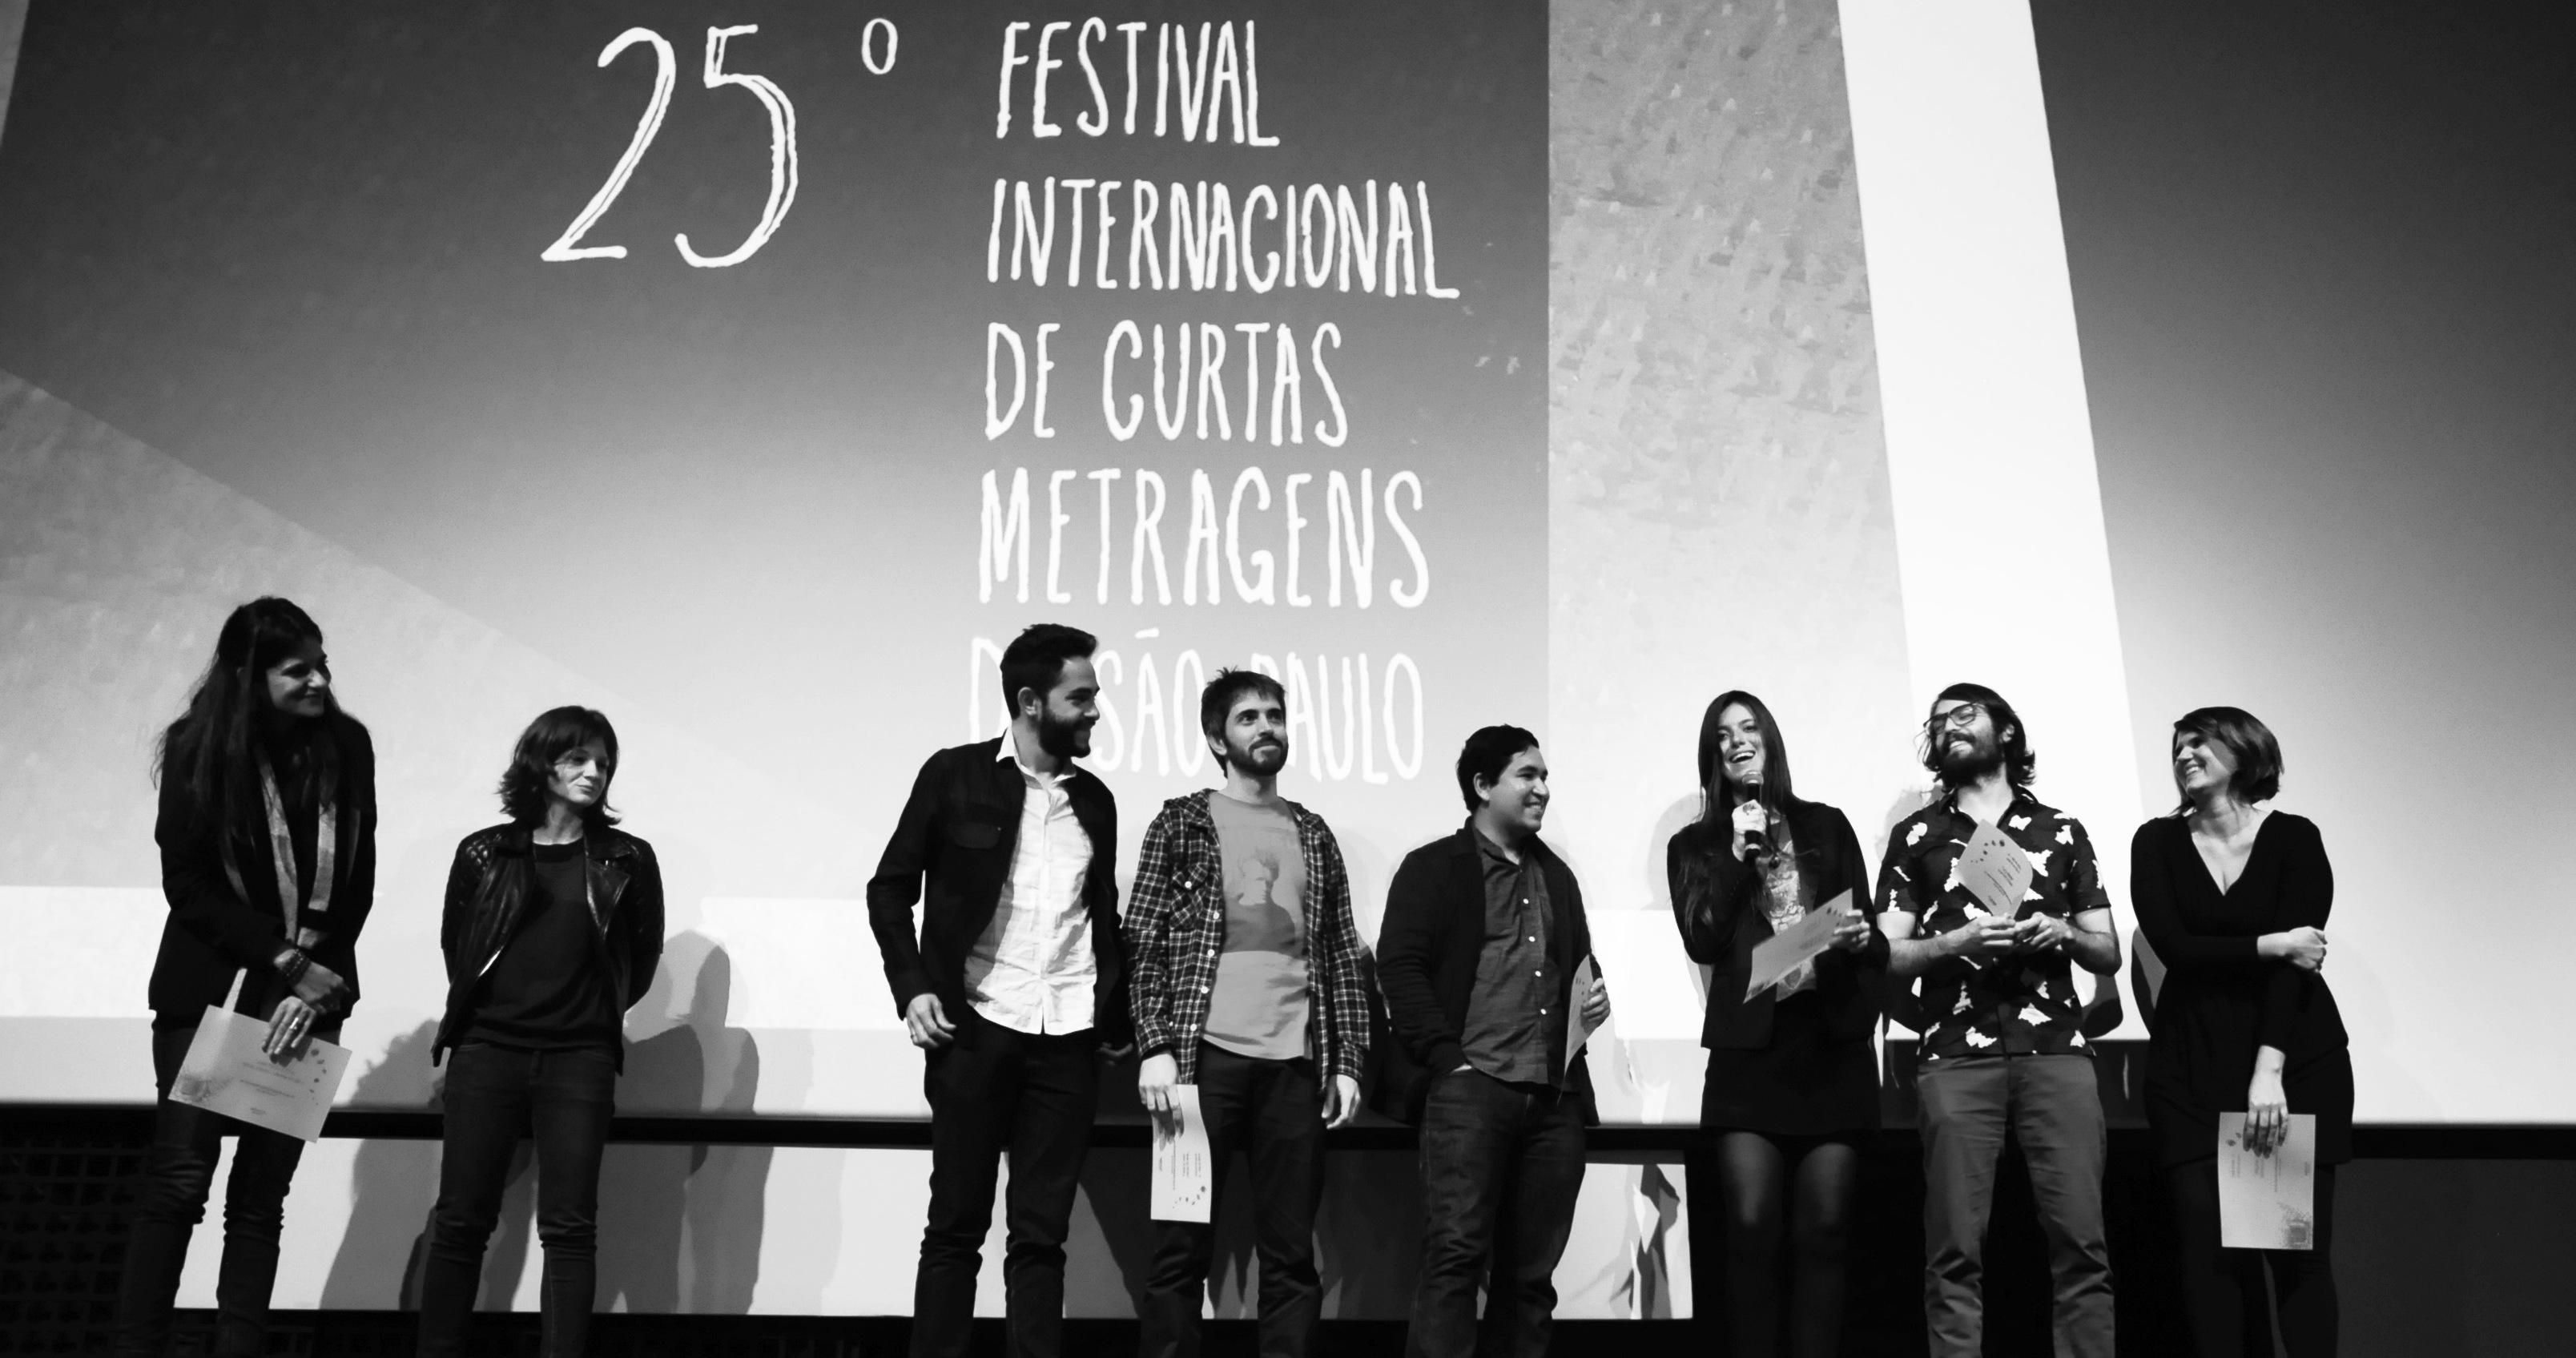 Festival de Curtas - Premiação